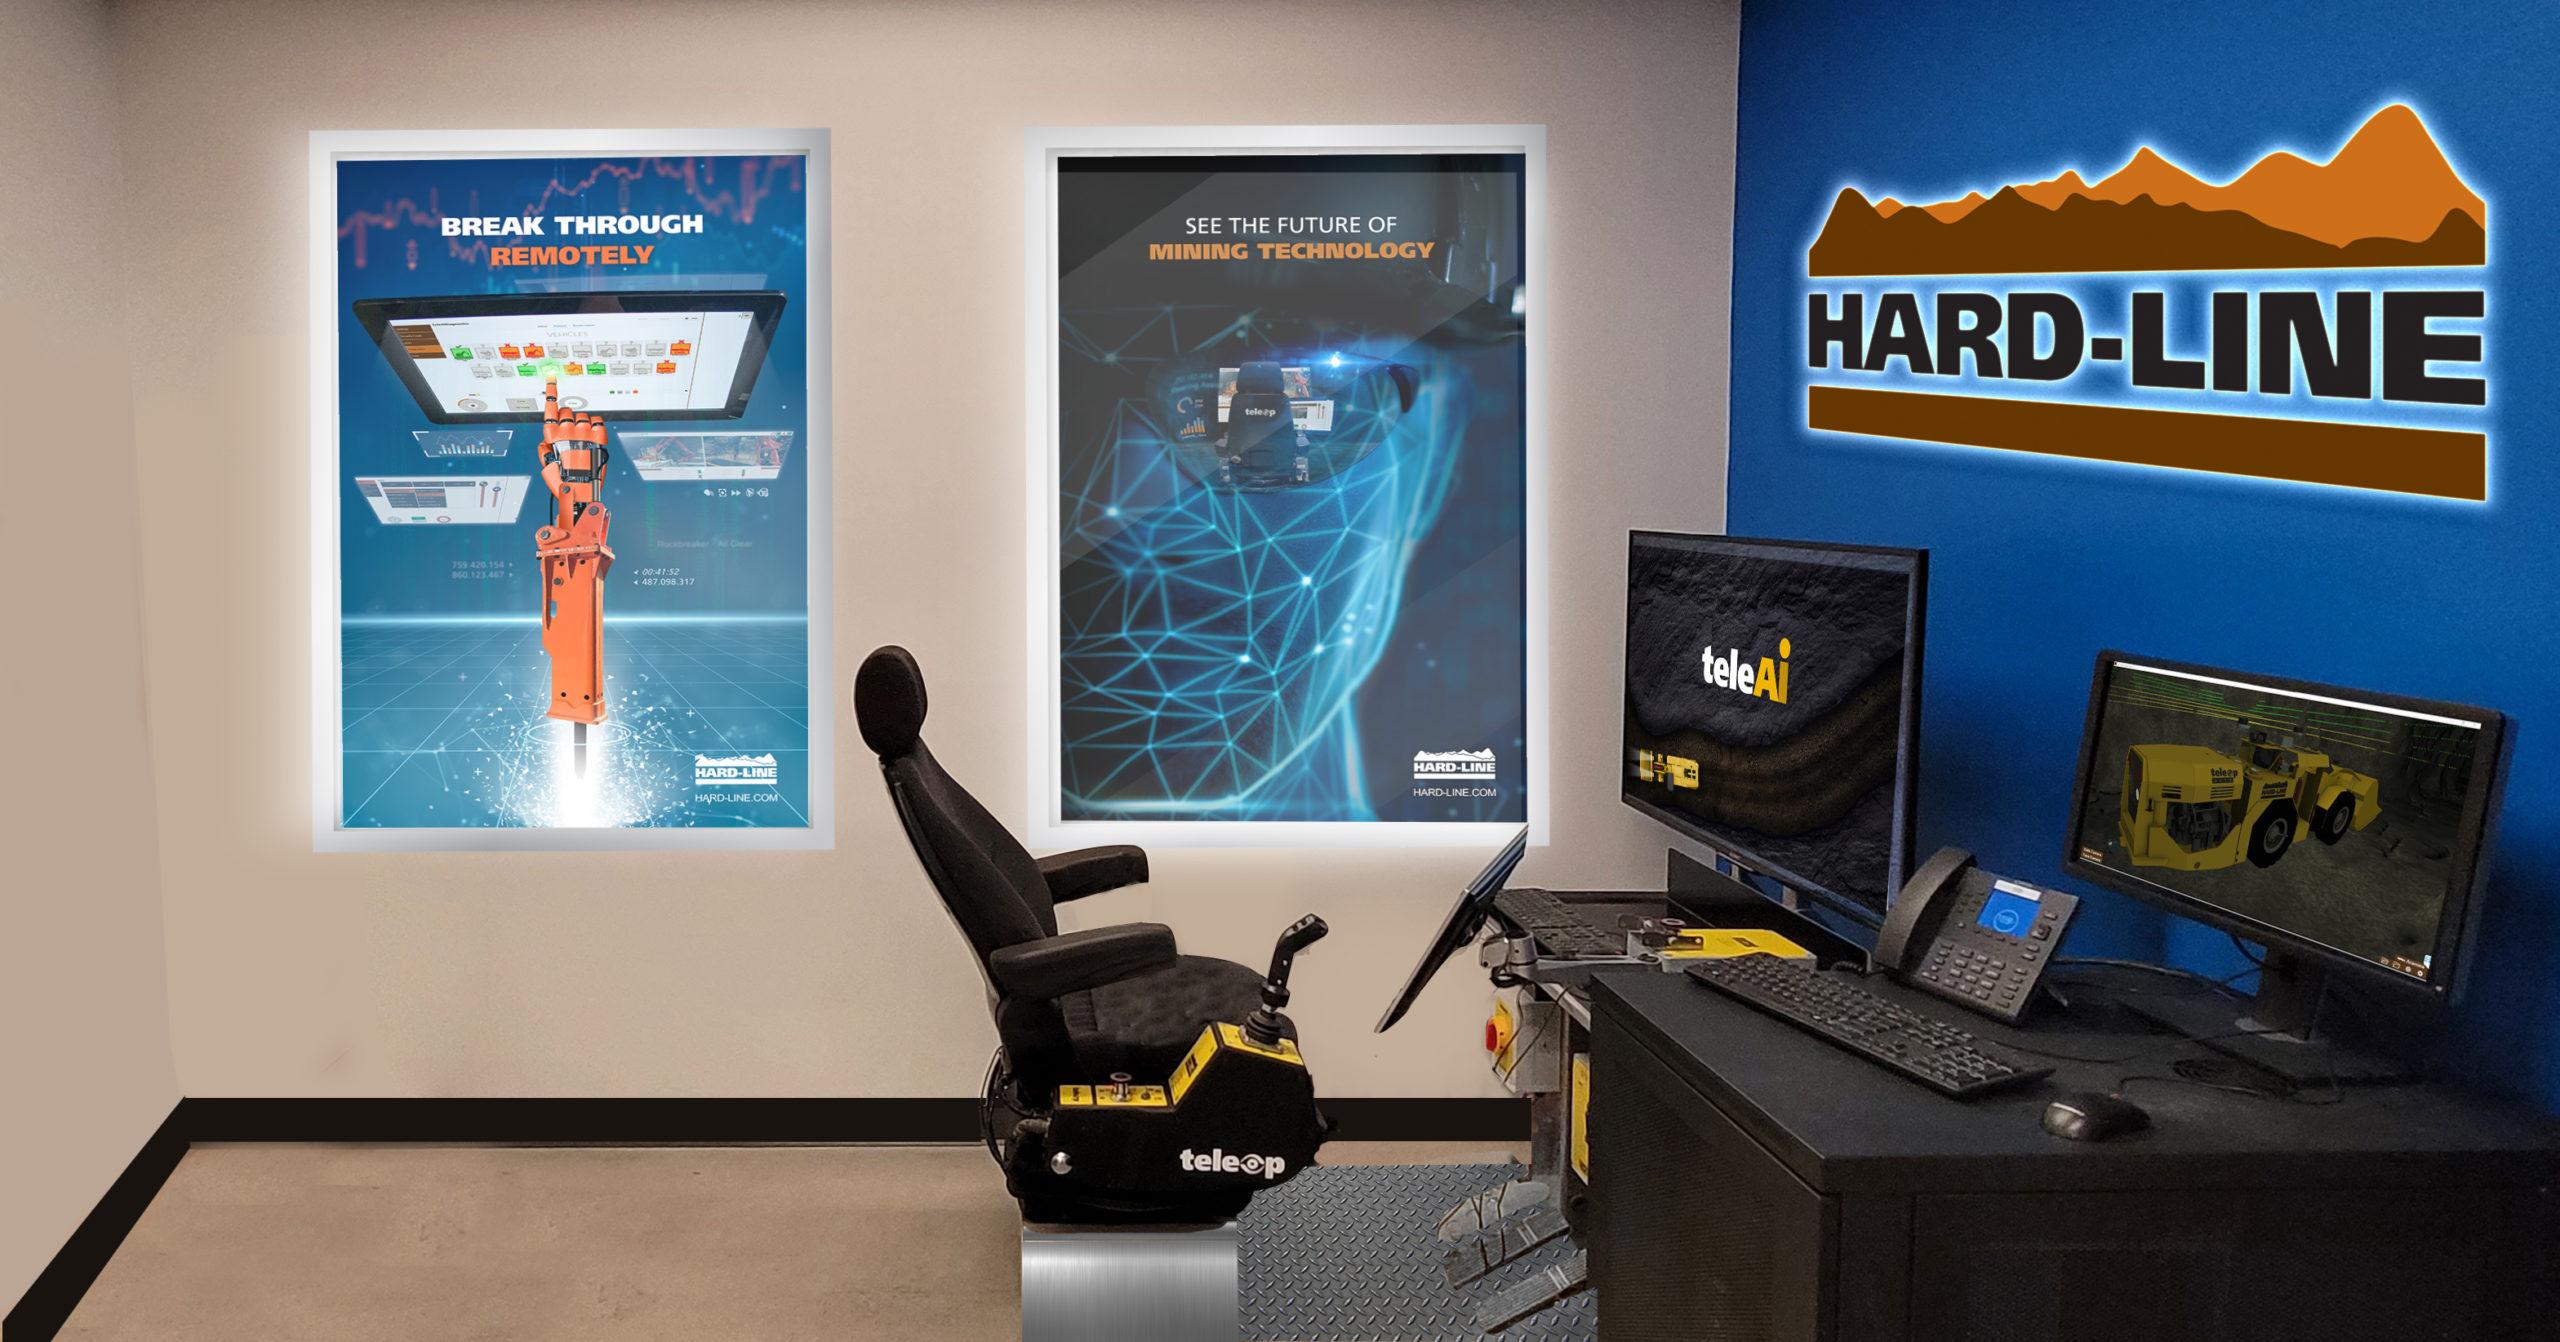 HARD-LINE TeleOp chair and gear in NORCAT office